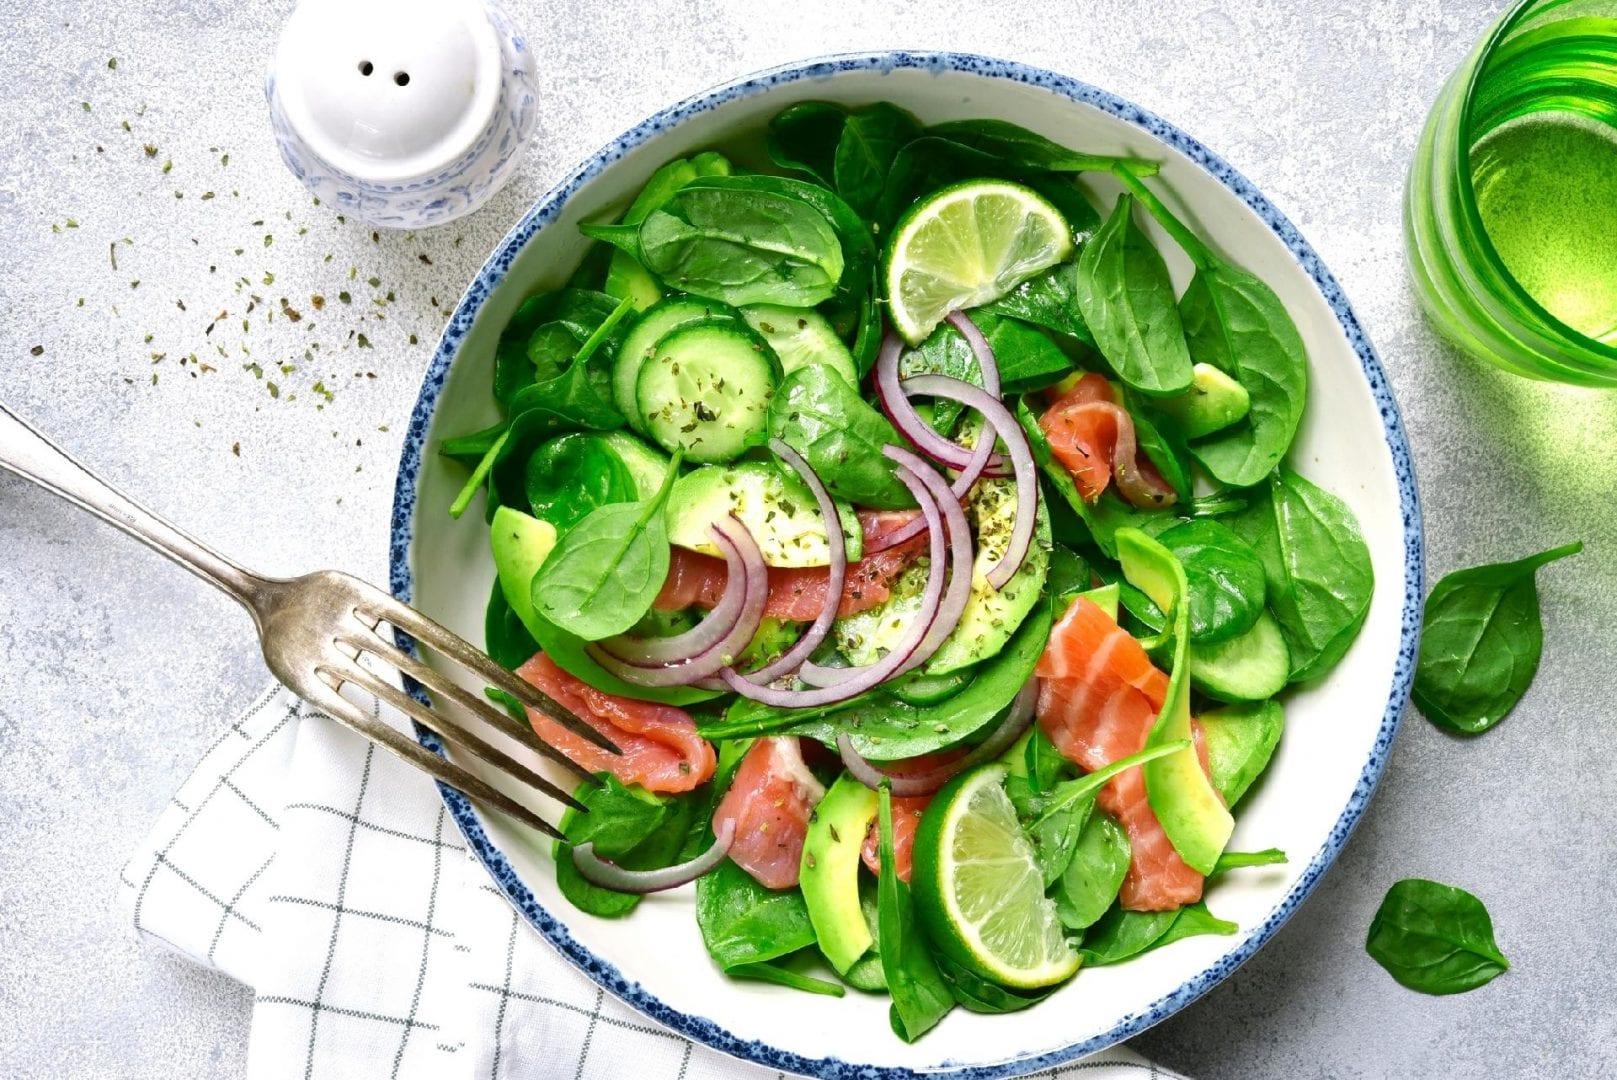 Dieta paleo- Prós e contras, como funciona, restrições e cardápio